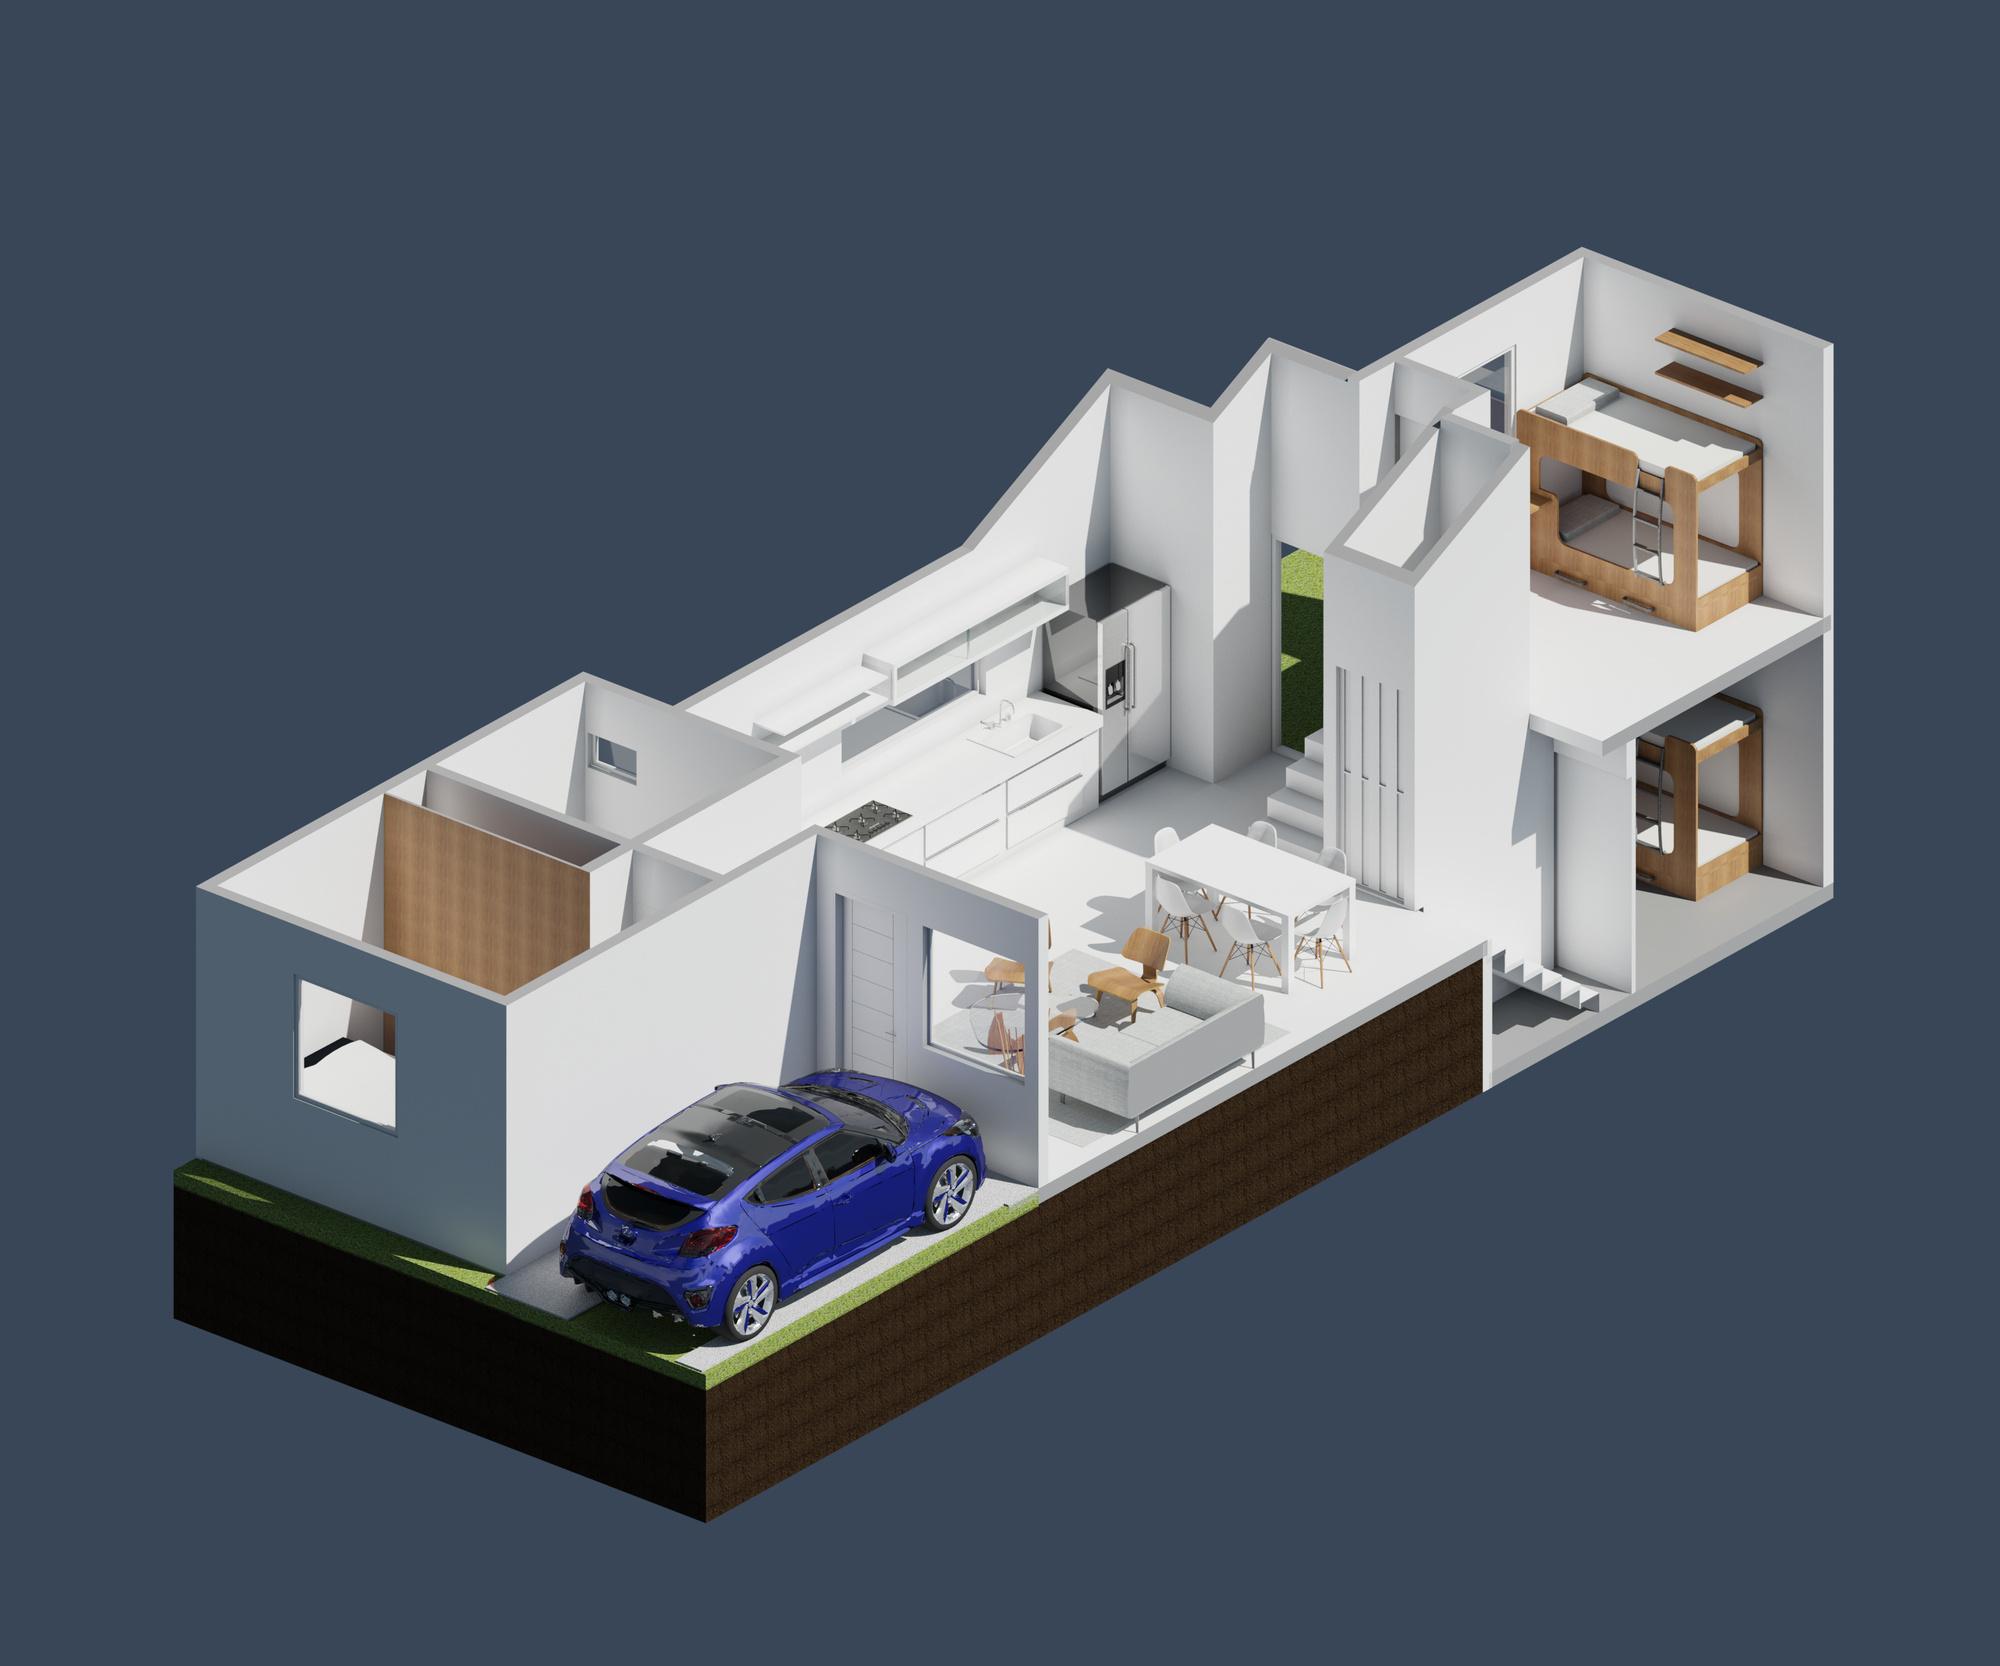 Raas-rendering20150424-20662-qtzn8x